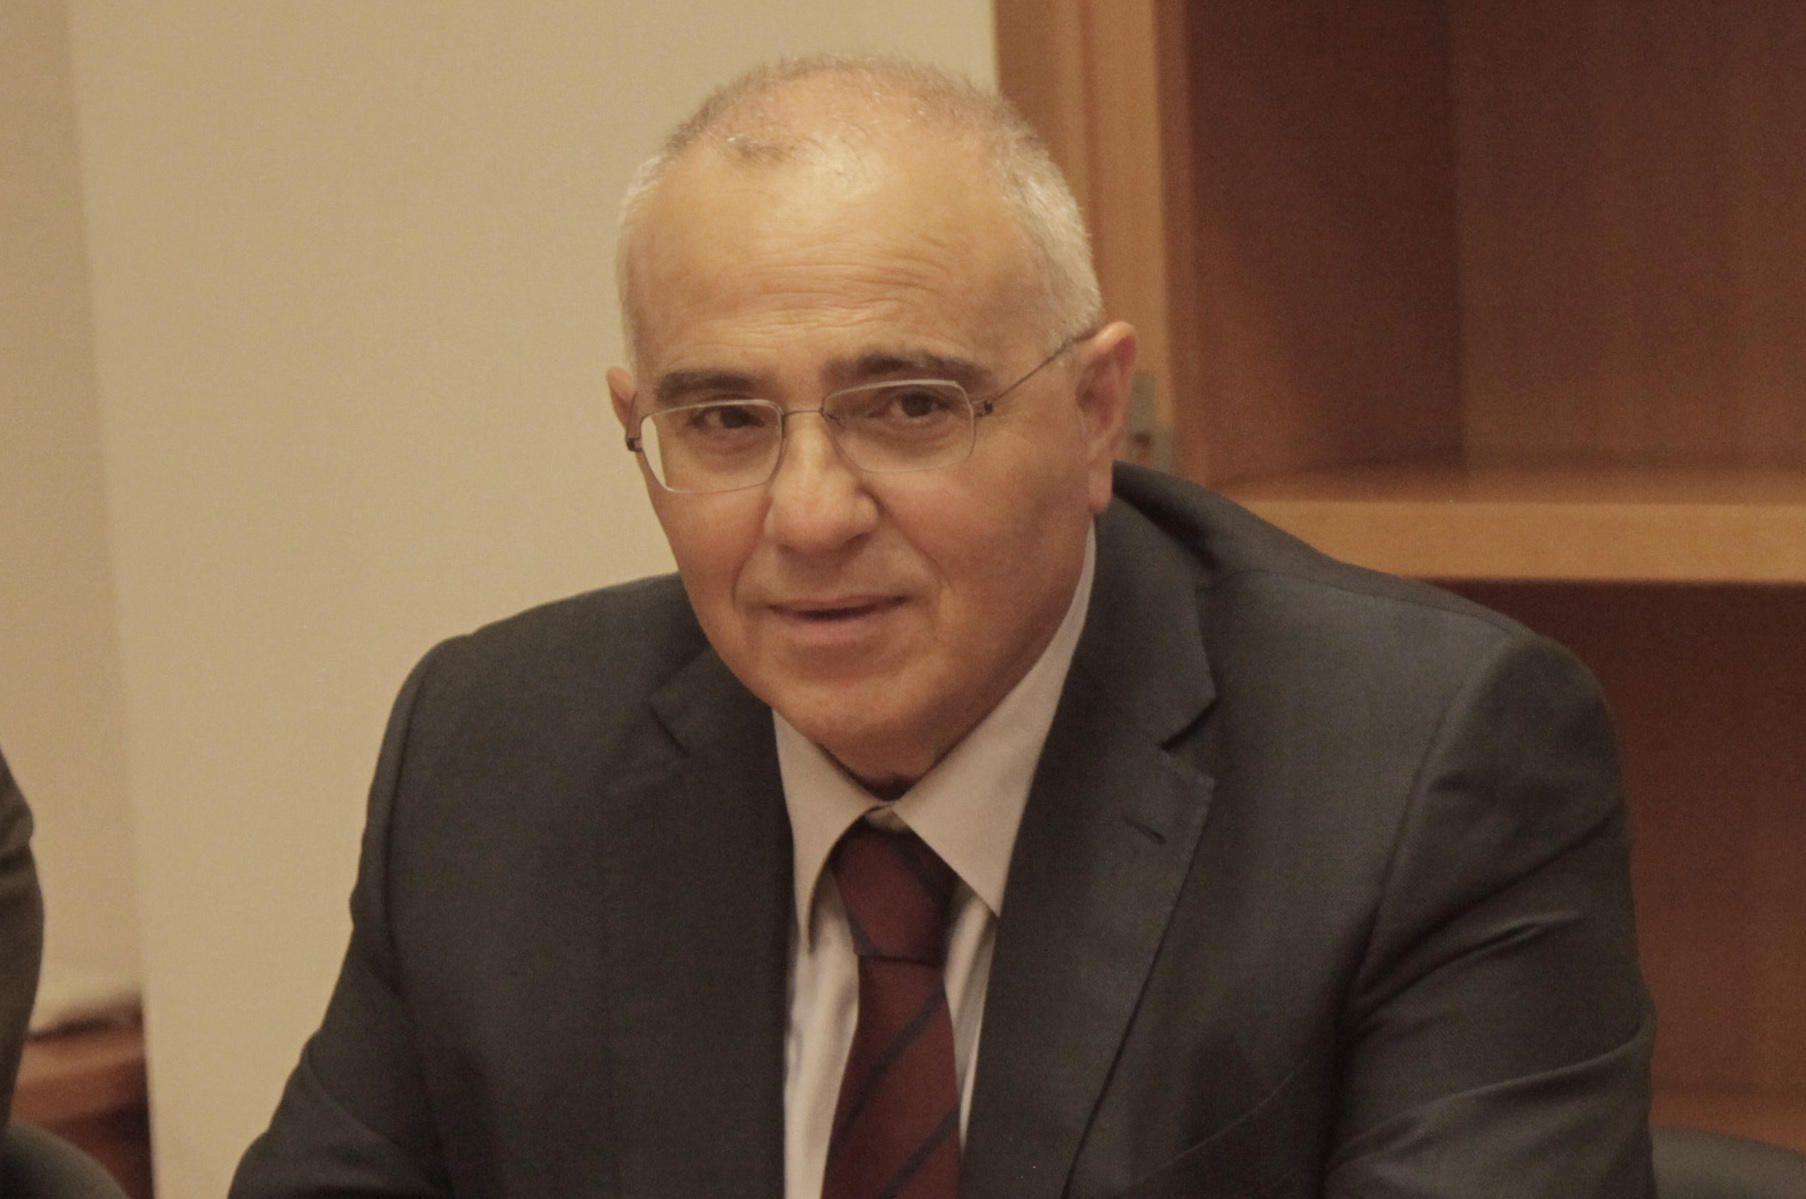 Νίκος Καραμούζης. Ετών 63. Πρόεδρος Eurobank